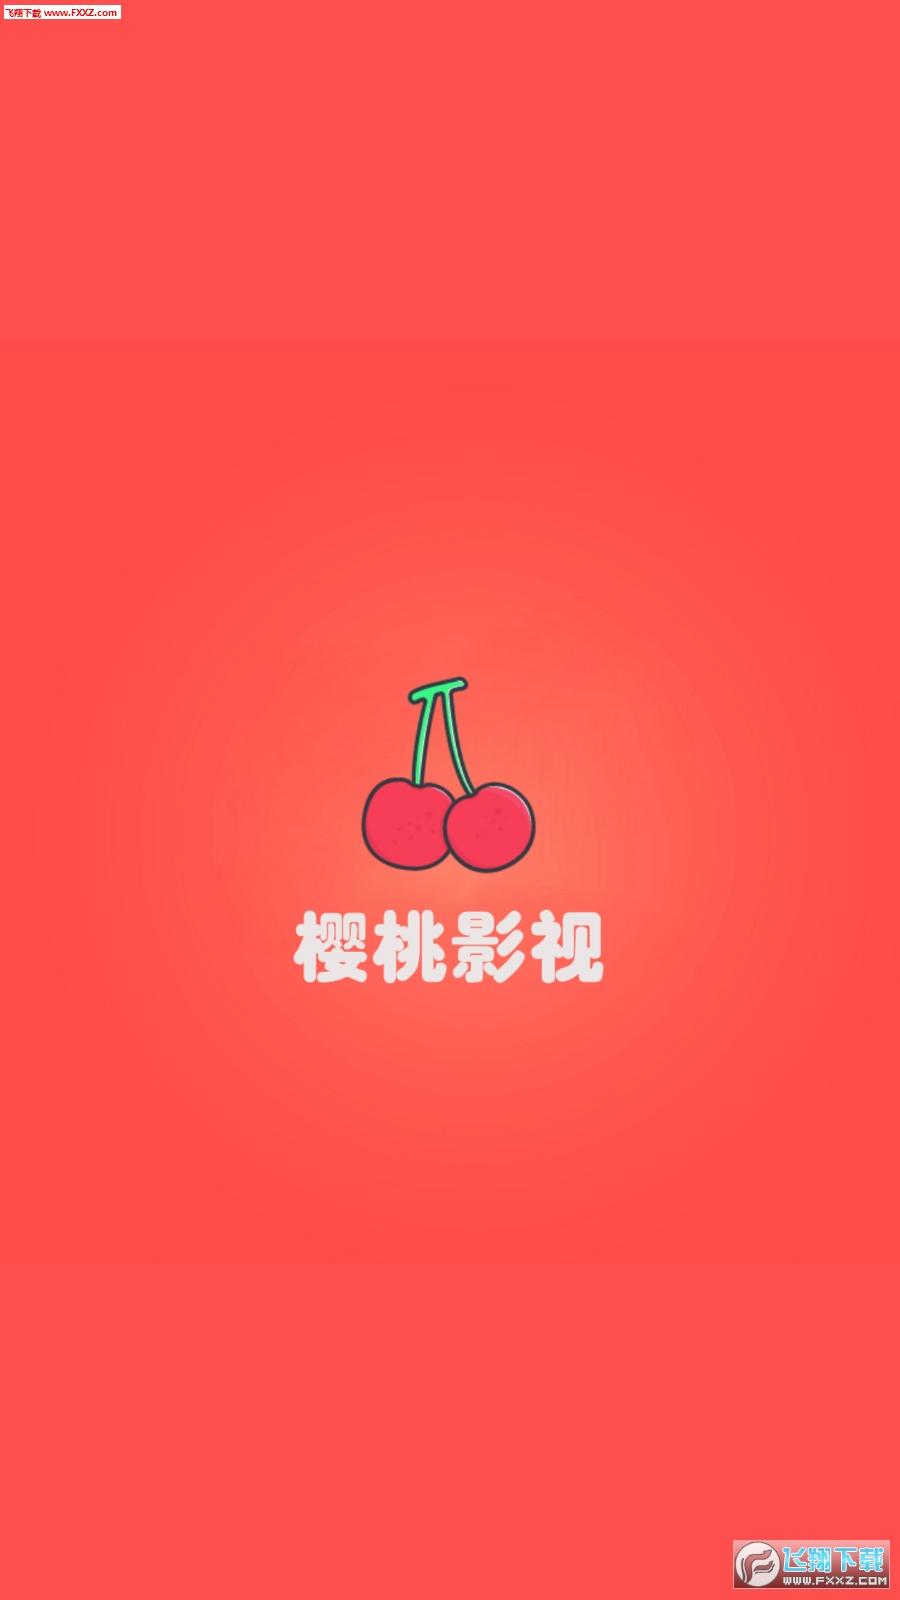 樱桃影视最新免费版截图2